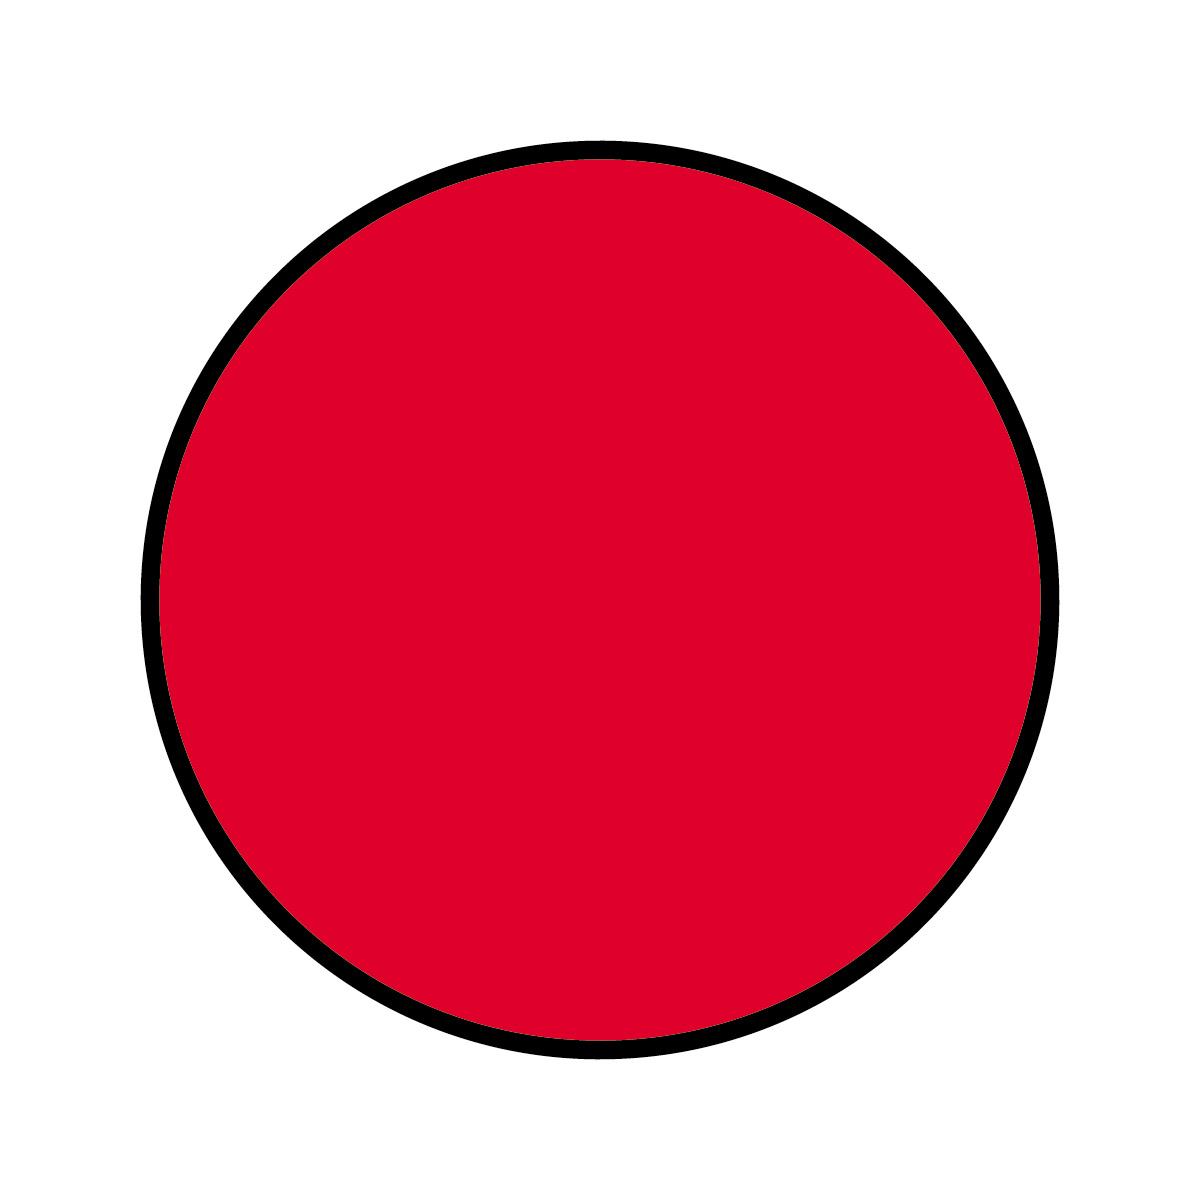 1200x1200 Clipart Circle